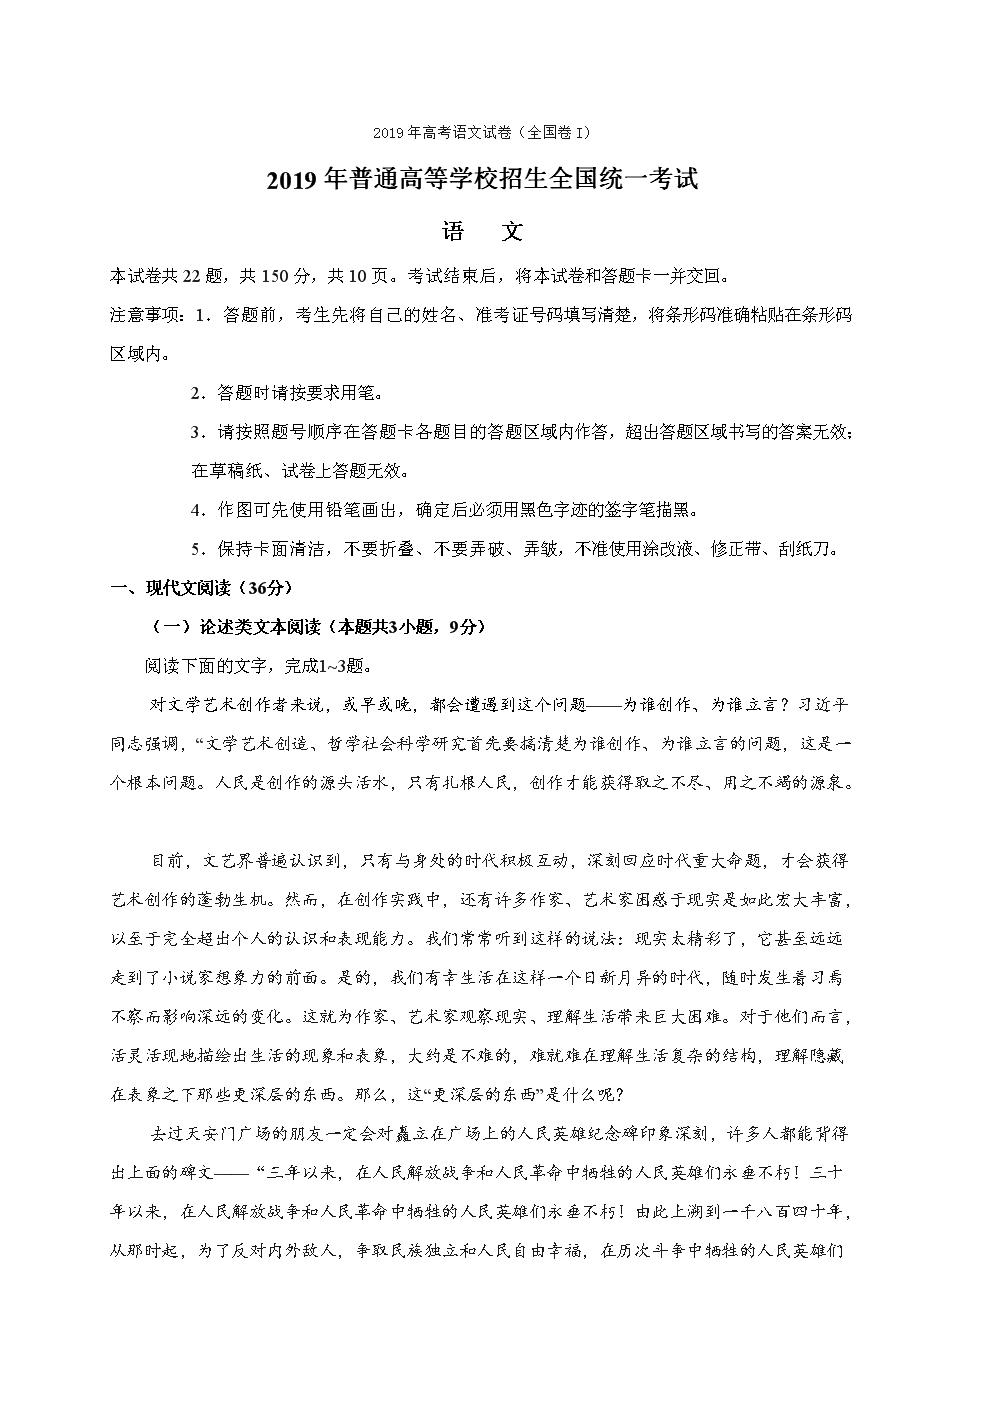 2019年高考语文试卷及答案(全国卷I)含答案.doc